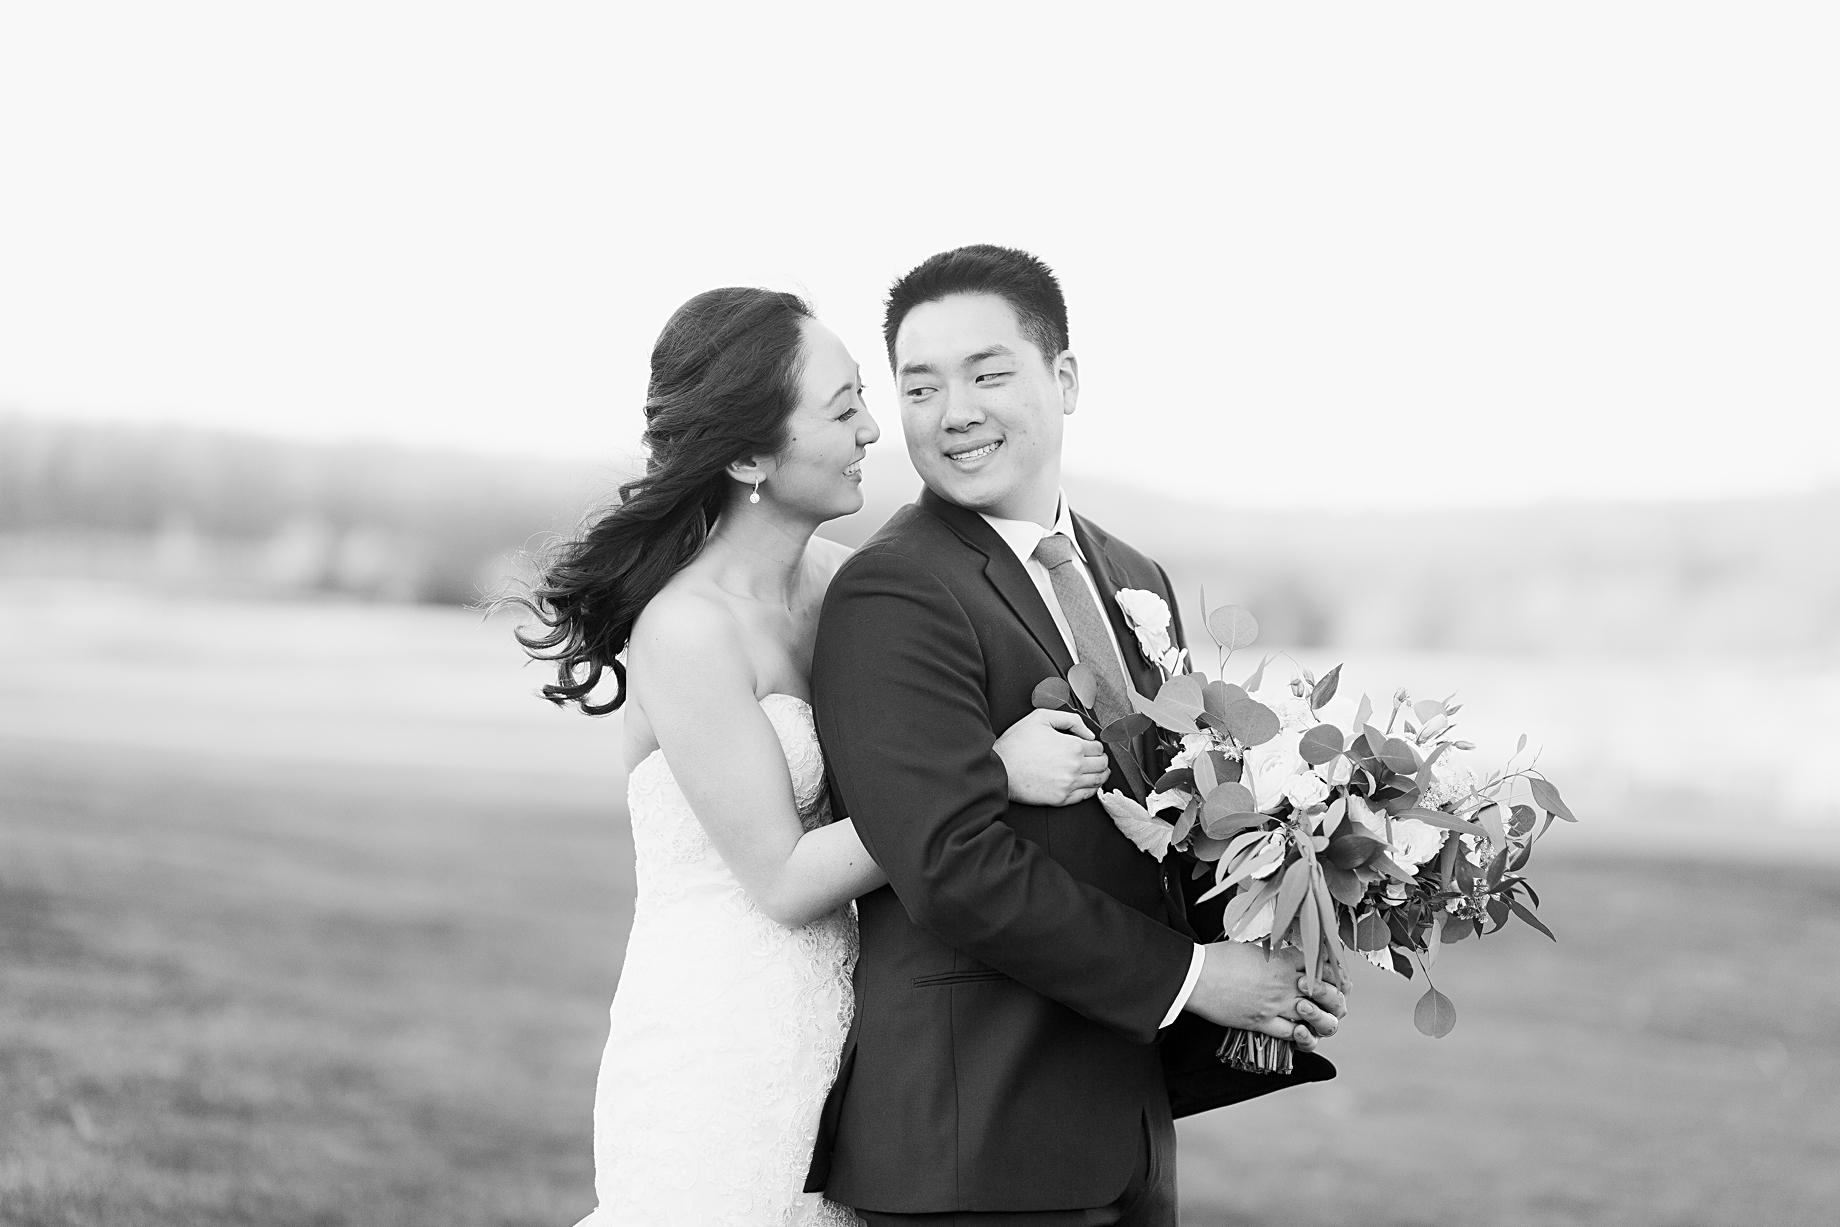 Elegant Winter Wedding at French Creek Golf Club Portraits